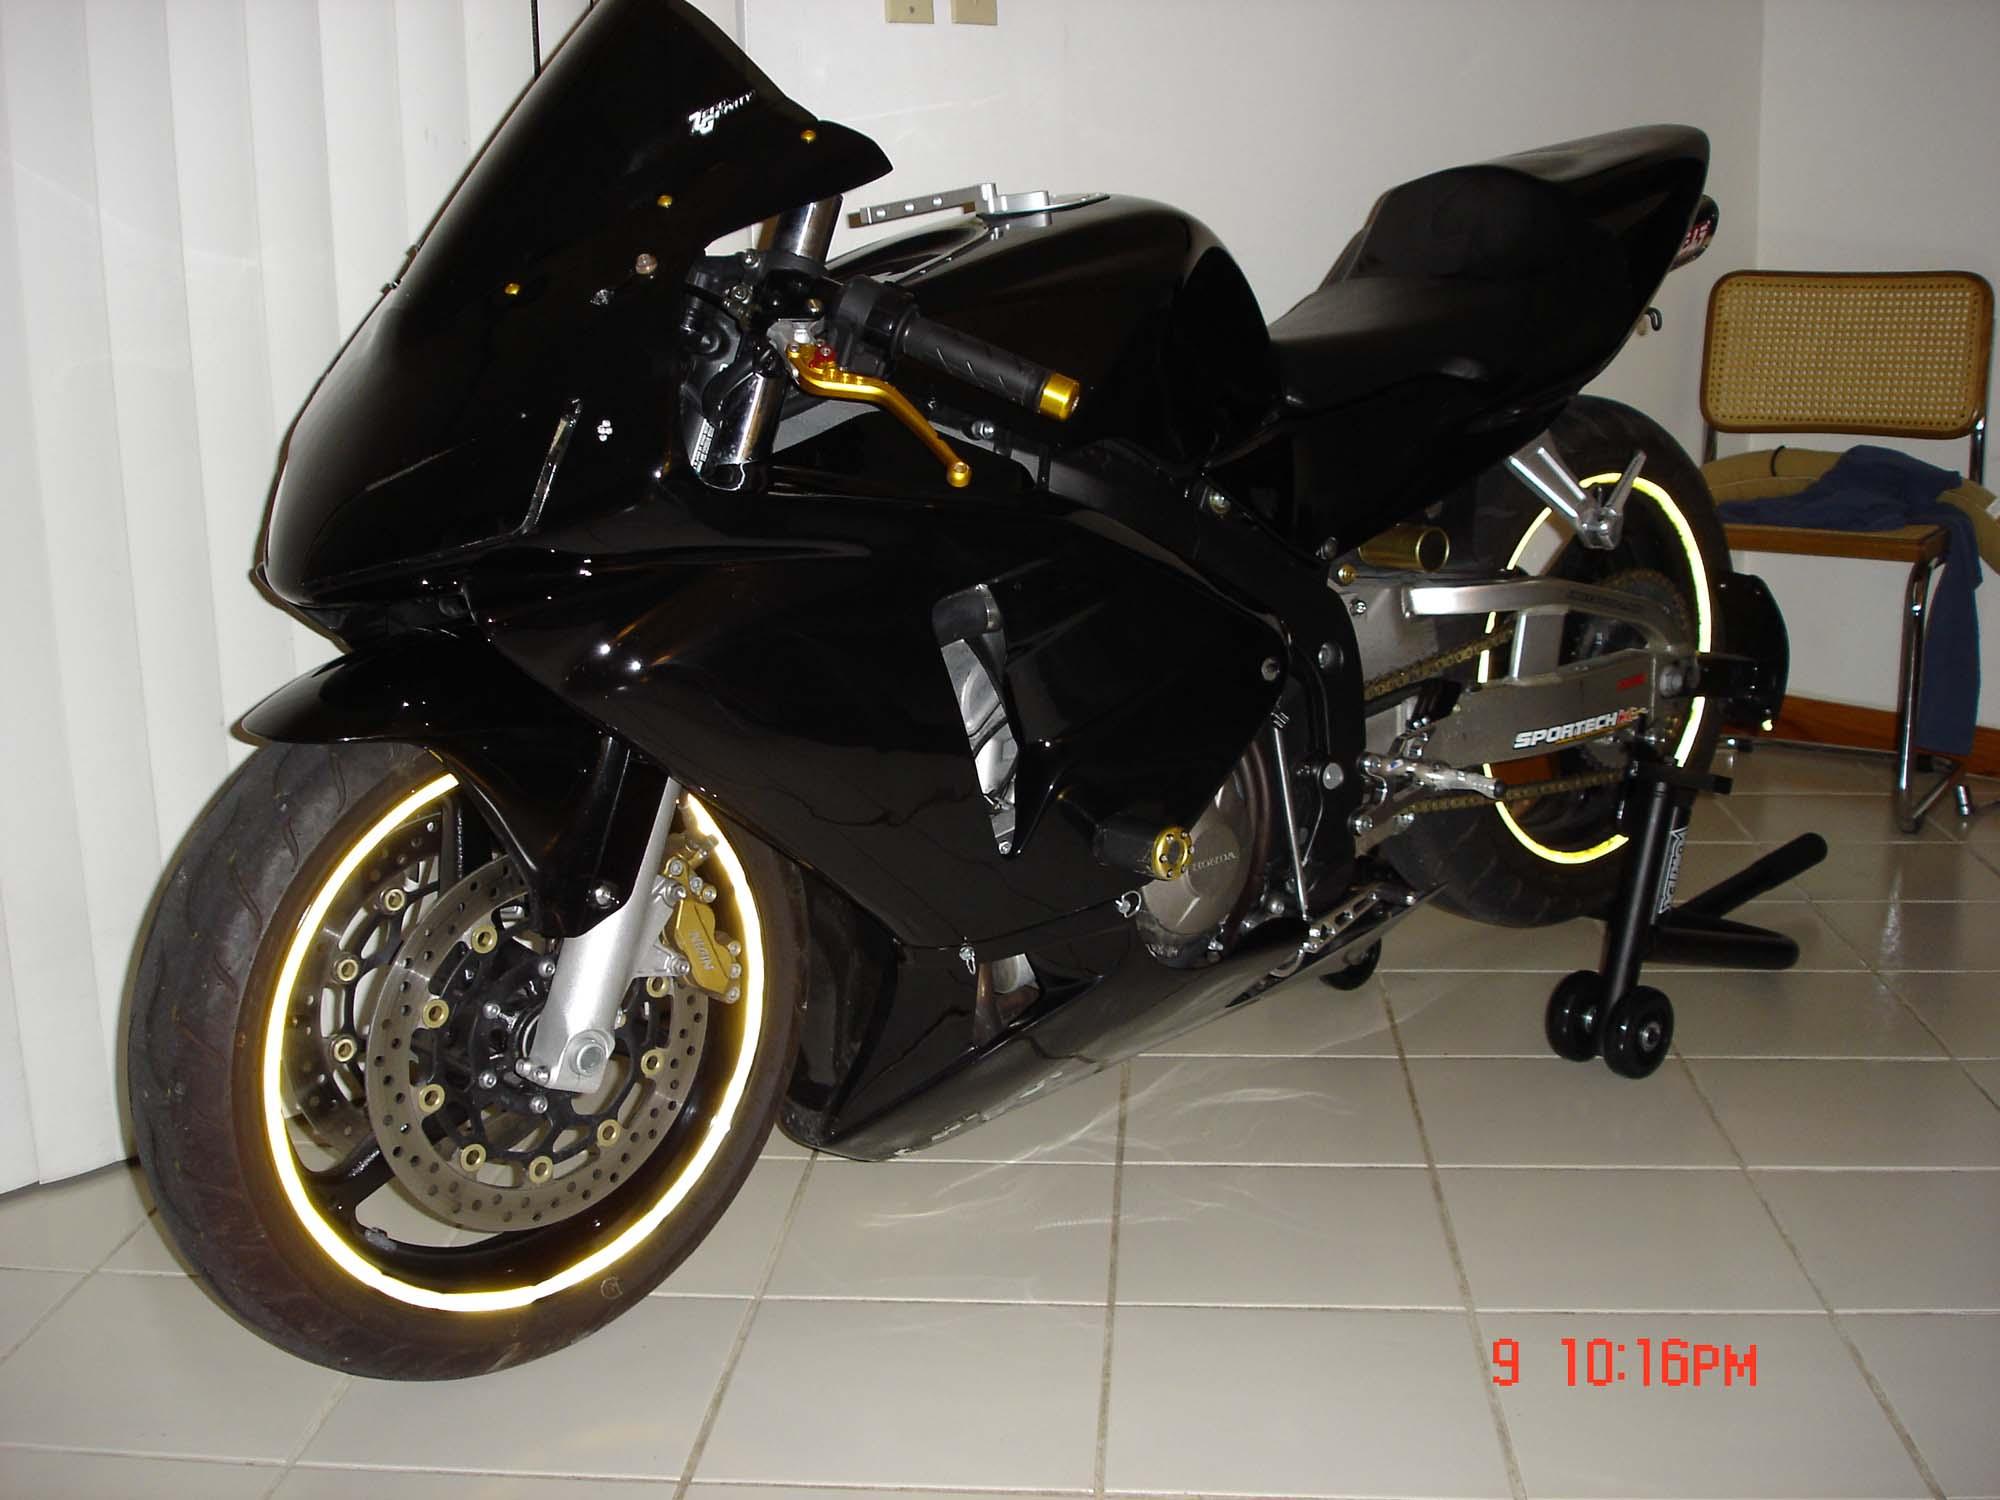 2004 Cbr 600rr For Sale Sportbikes Net